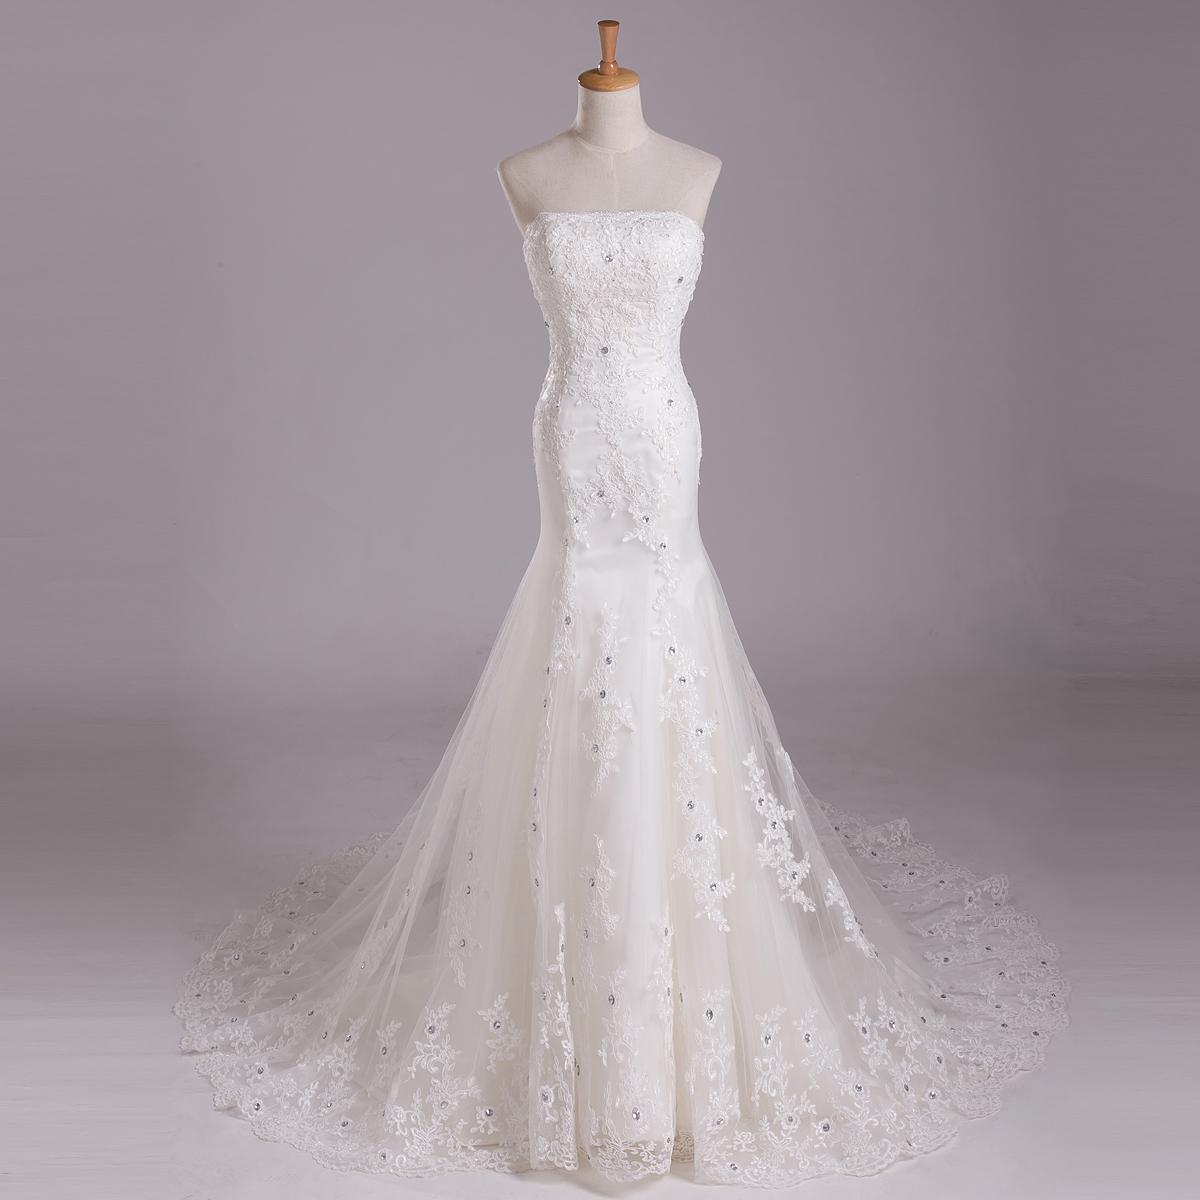 妖娆柔美缎面婚纱  蕾丝长拖尾半透鱼尾镶钻复古优雅婚纱礼服